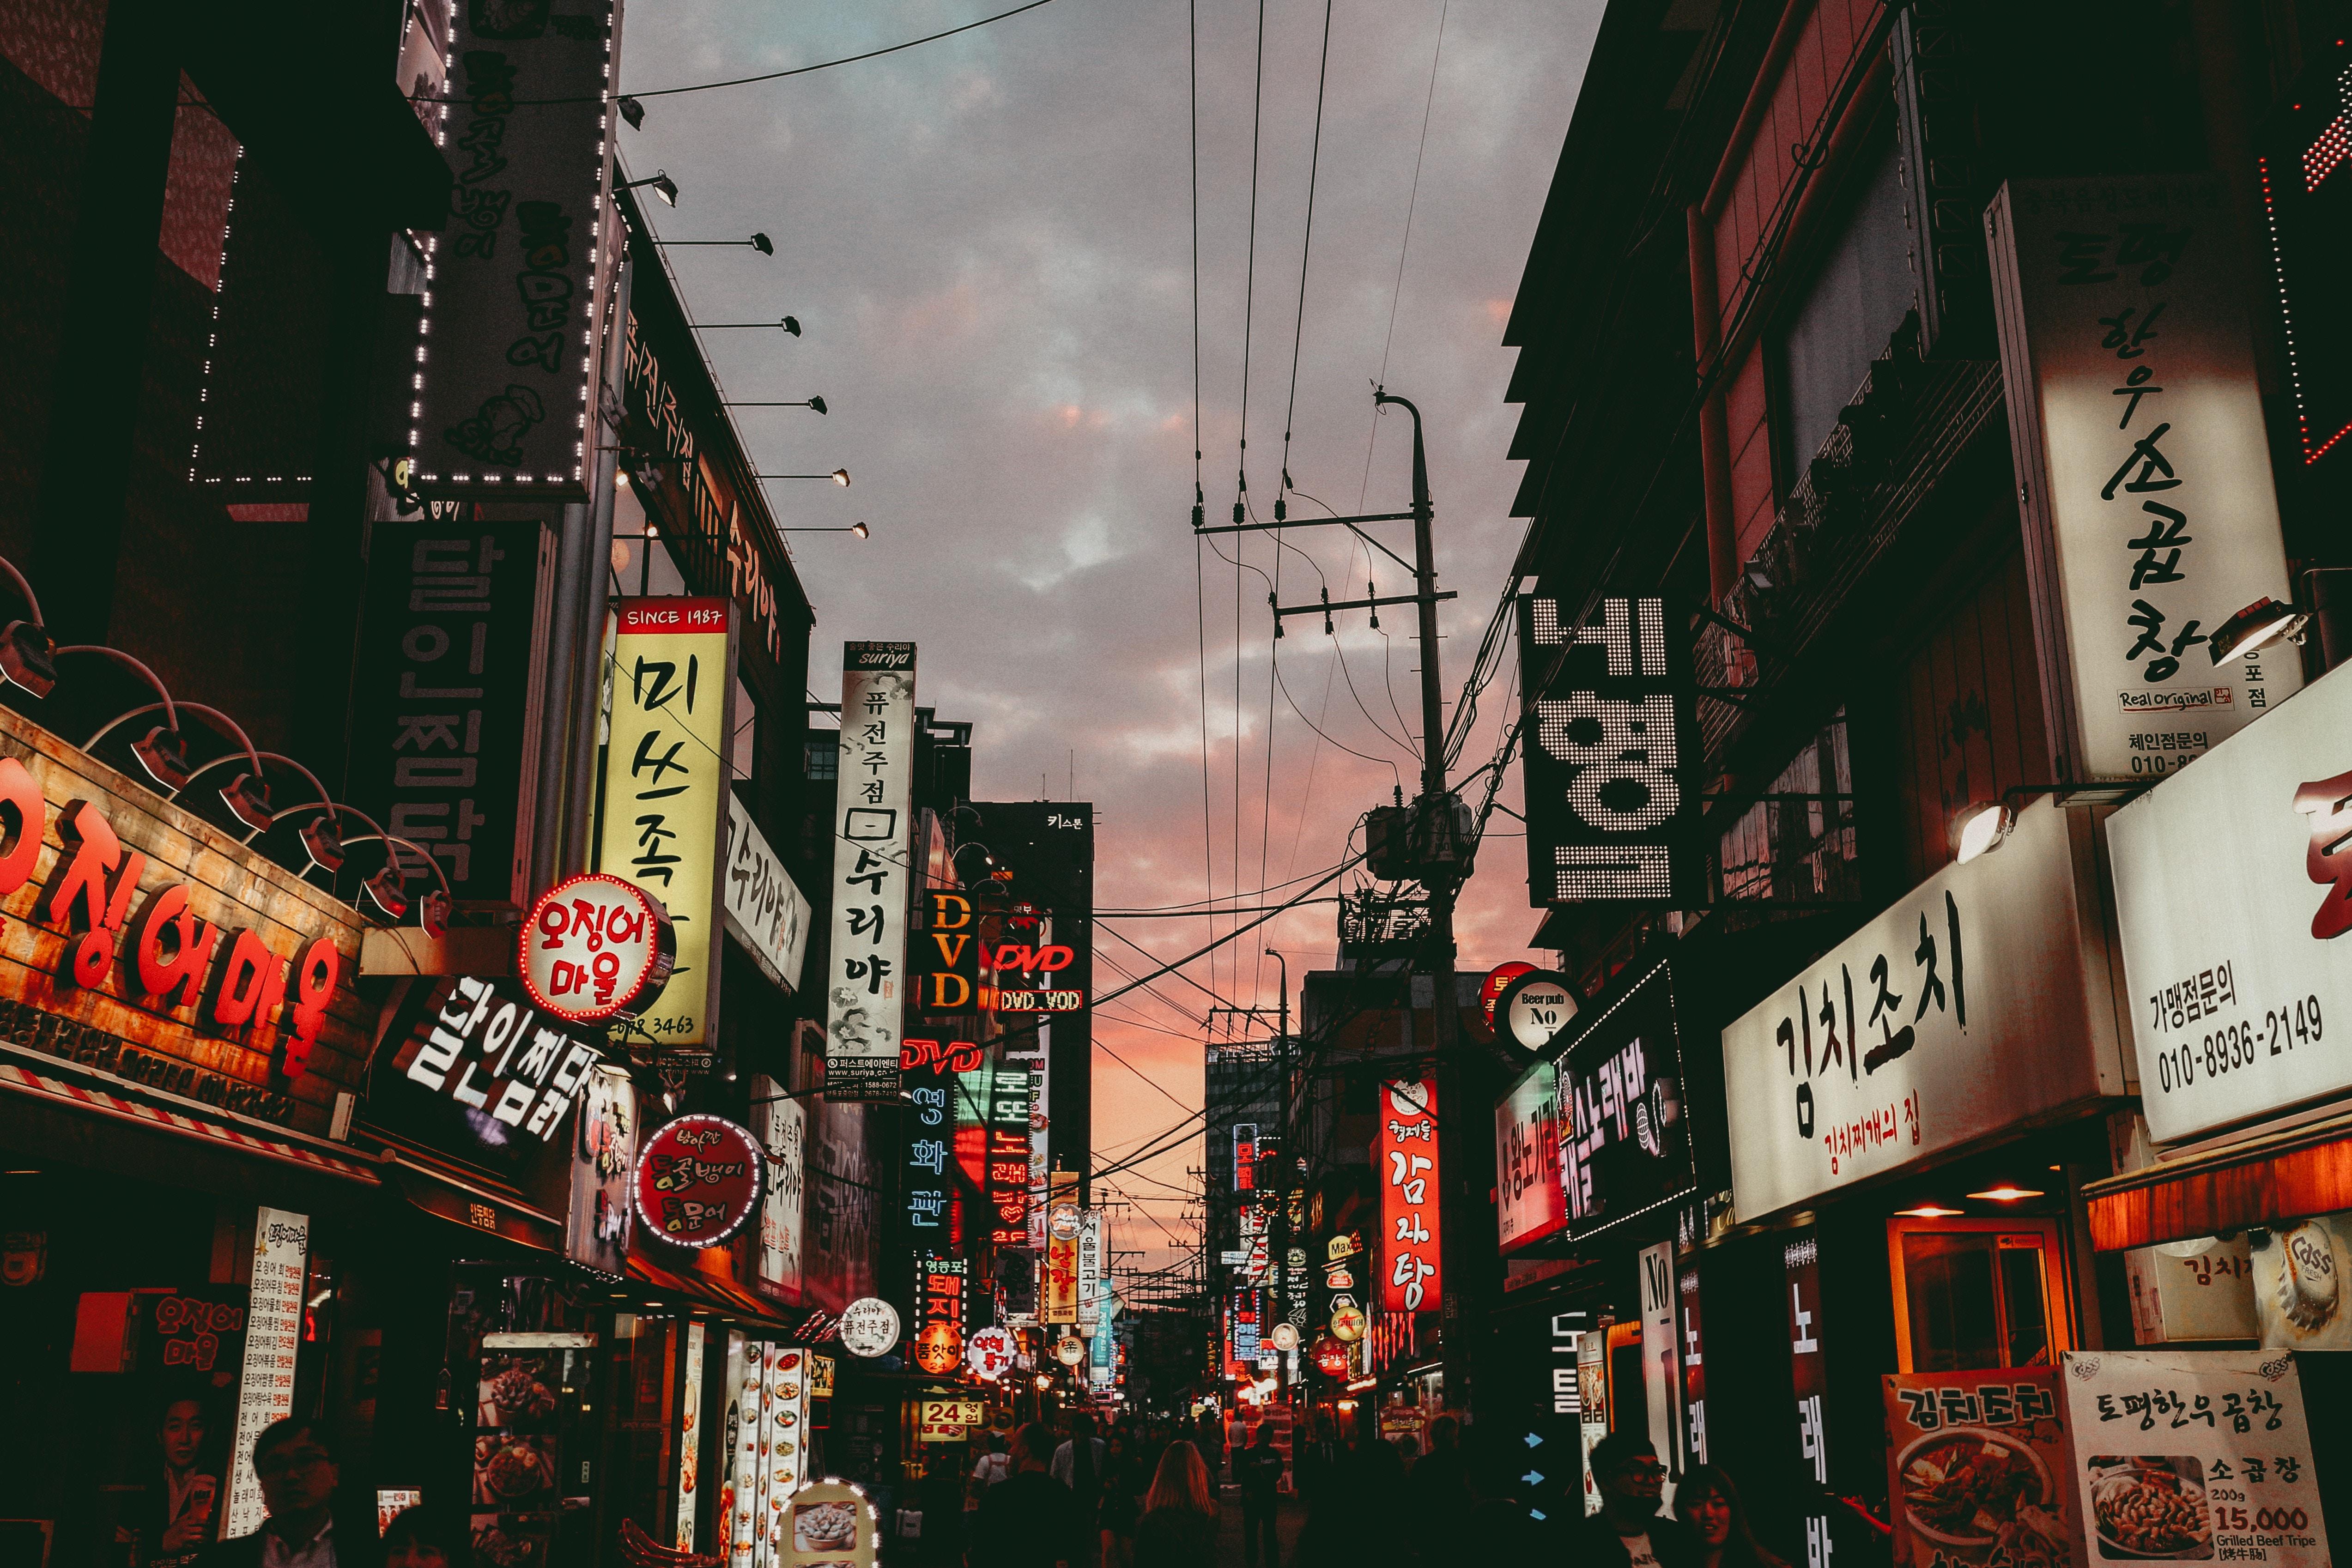 lên kế hoạch cho kì nghỉ Hàn Quốc